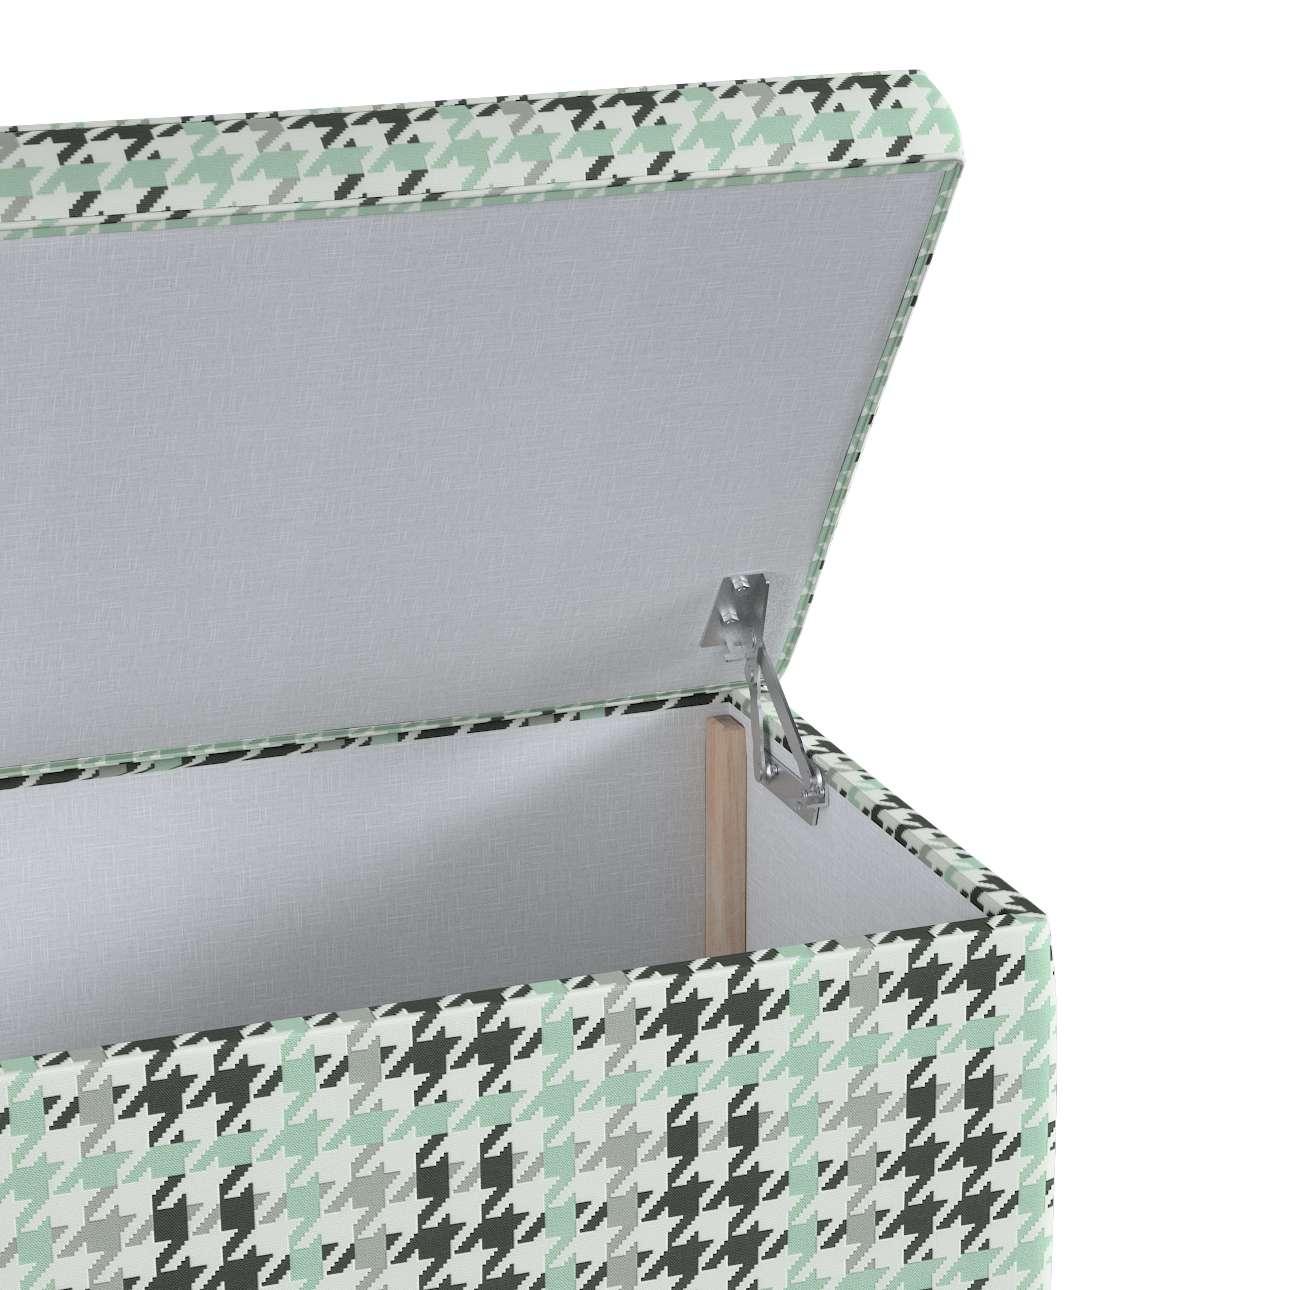 Skrzynia tapicerowana w kolekcji Wyprzedaż do -50%, tkanina: 137-77